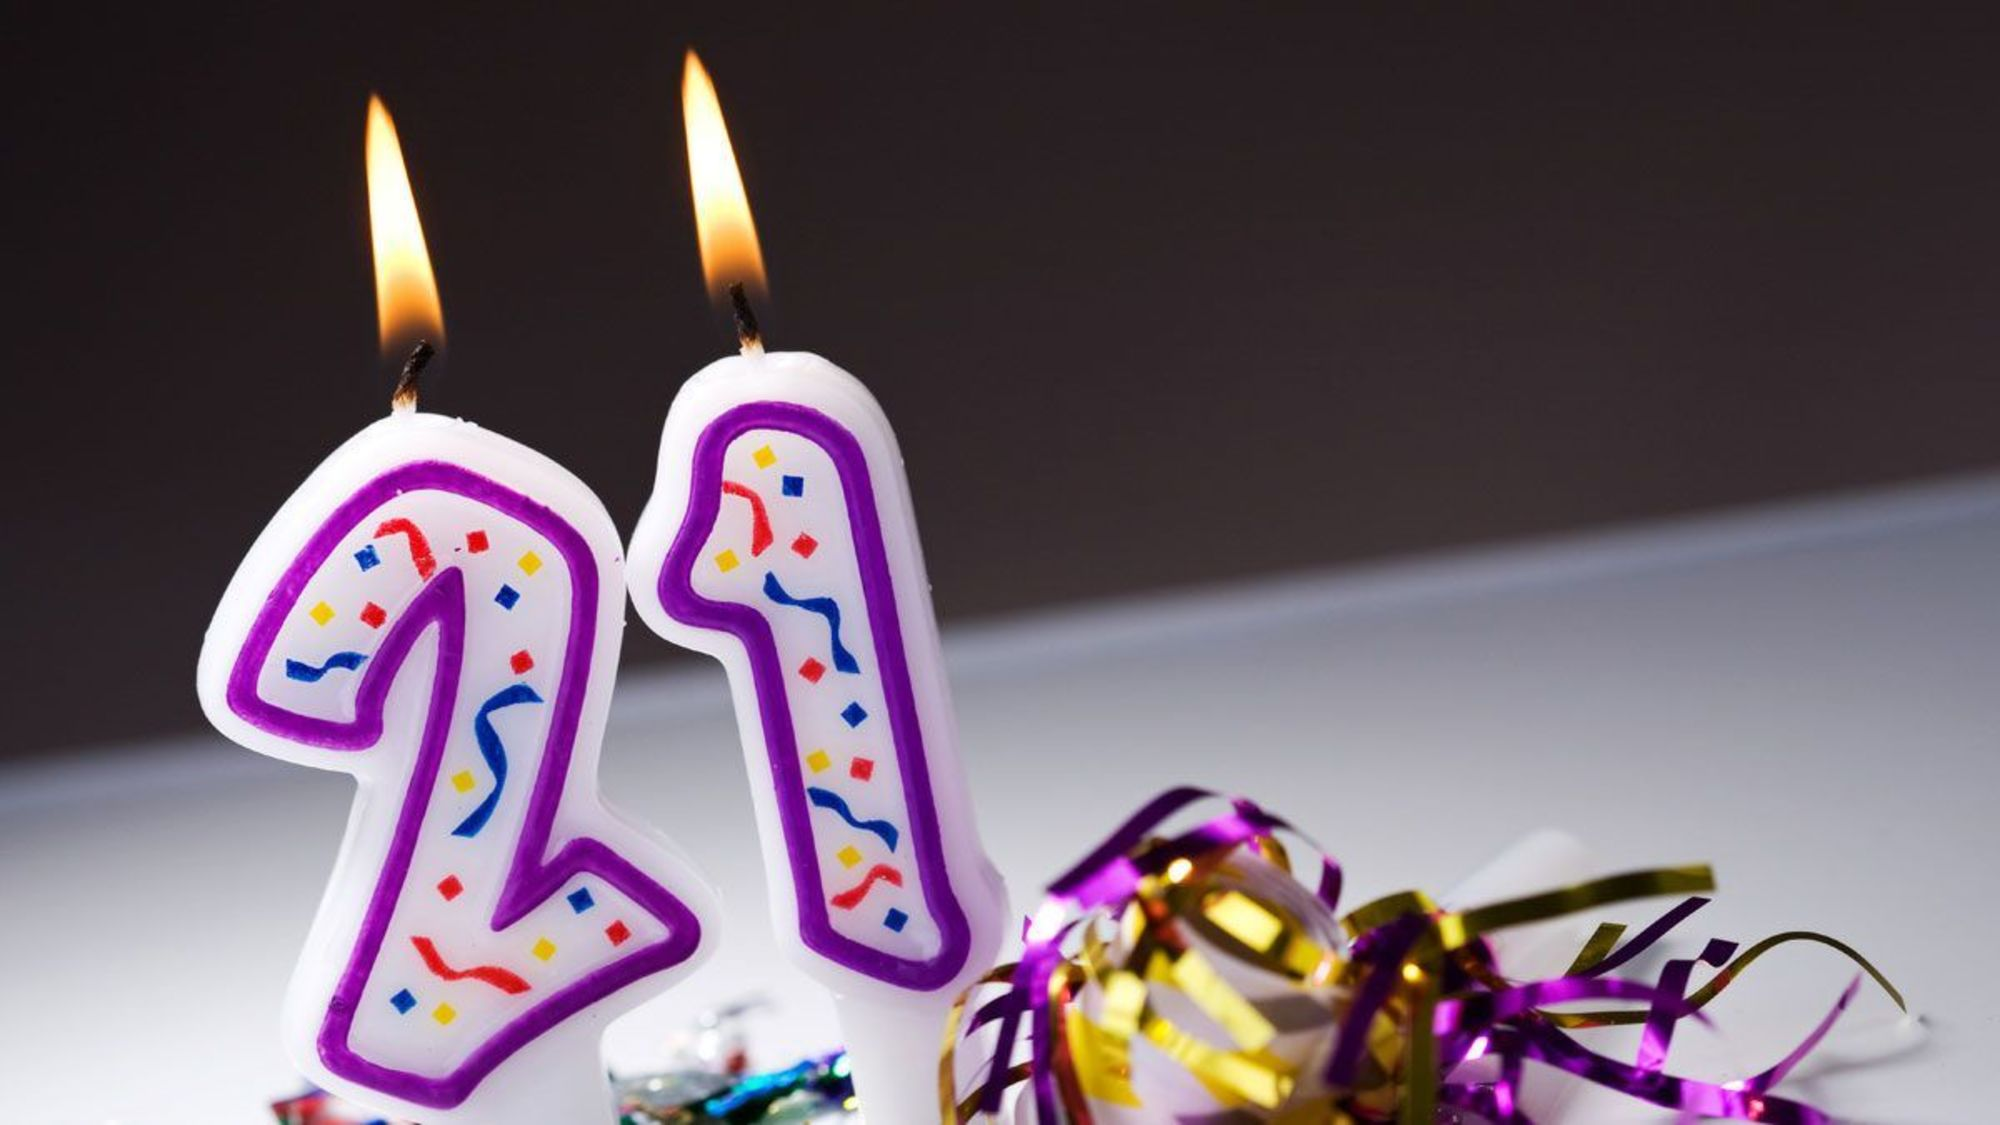 Поздравление с днем рождения парню 21 год картинки